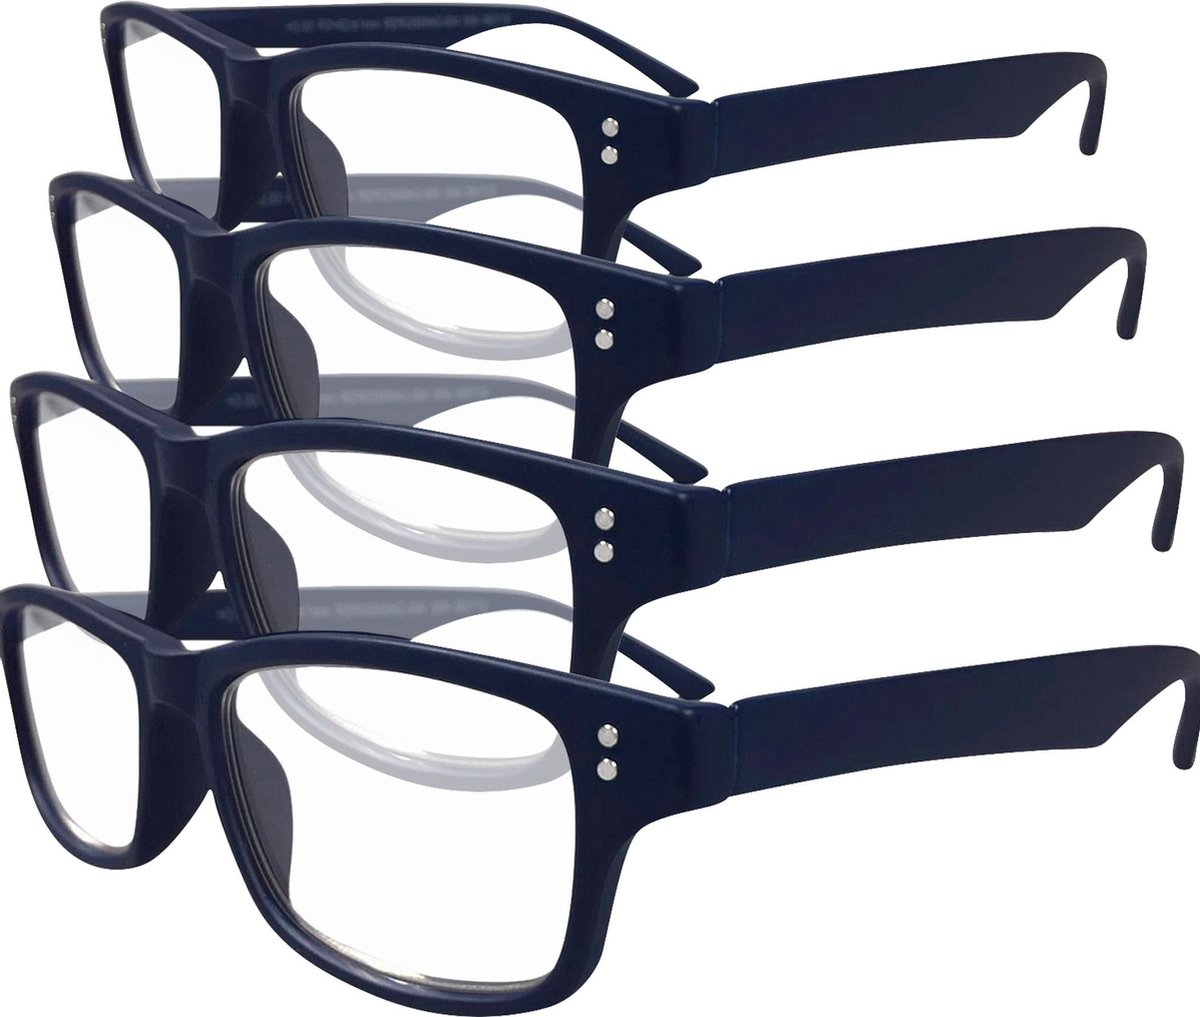 Etos Leesbril mat donkerblauw +2.0 - 4 stuks